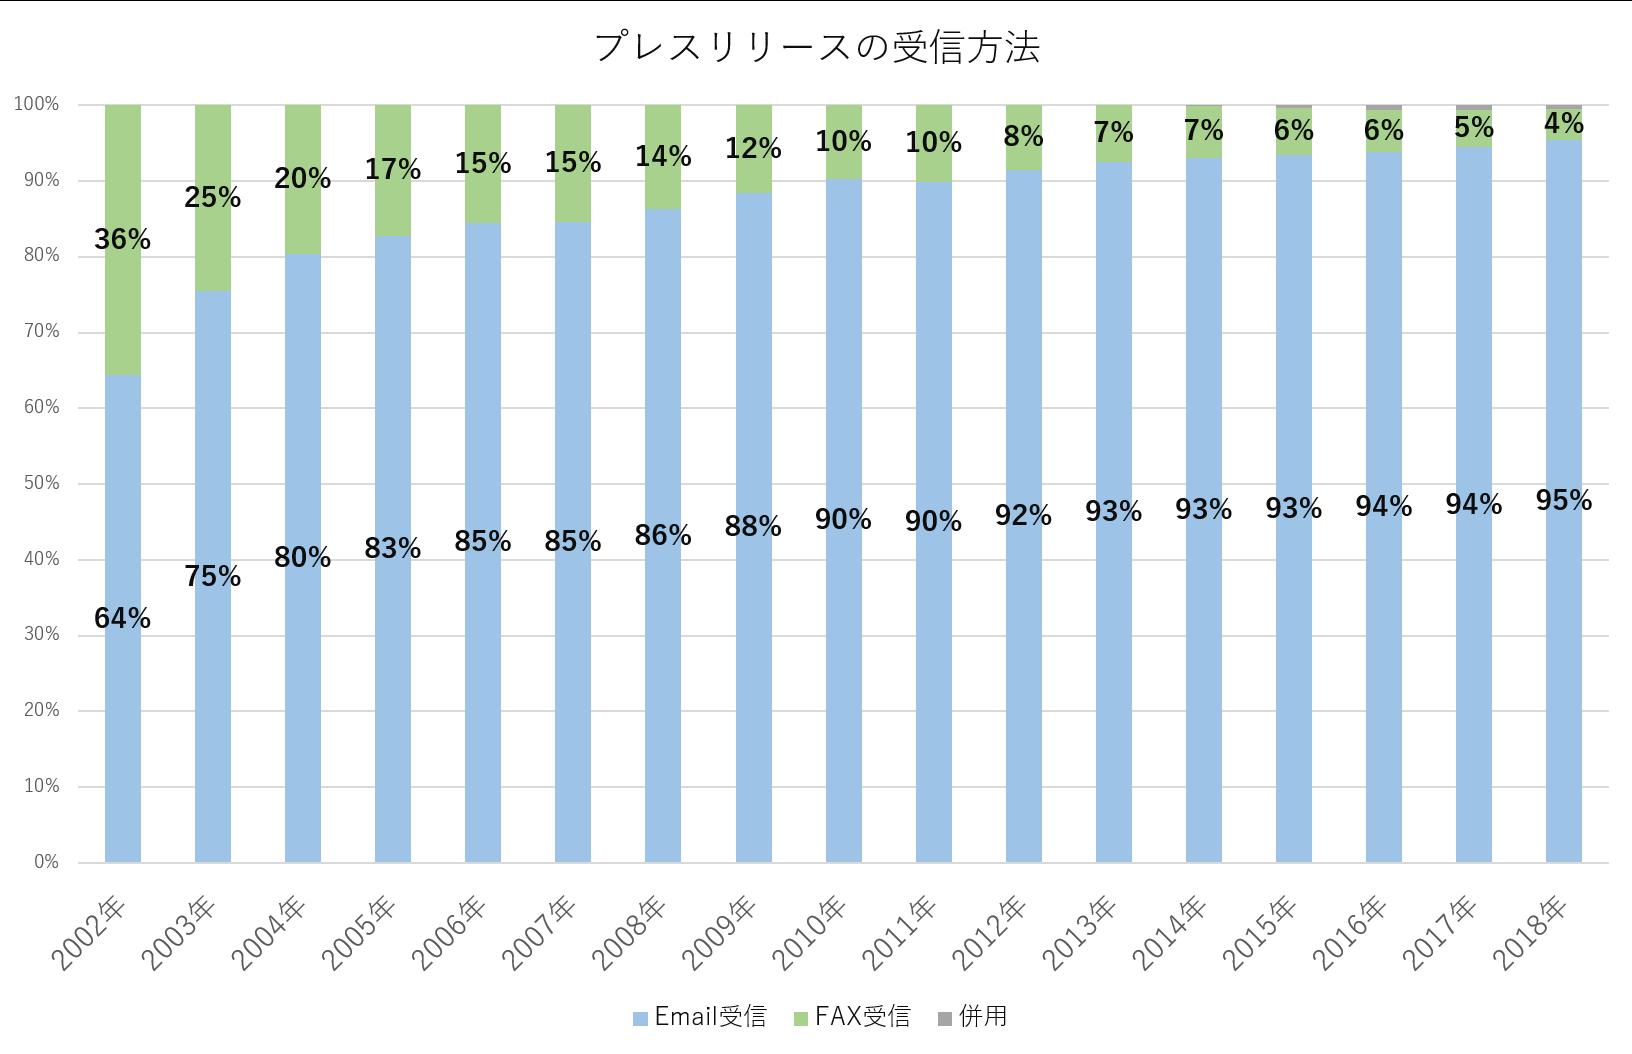 プレスリリース受信方法のグラフ